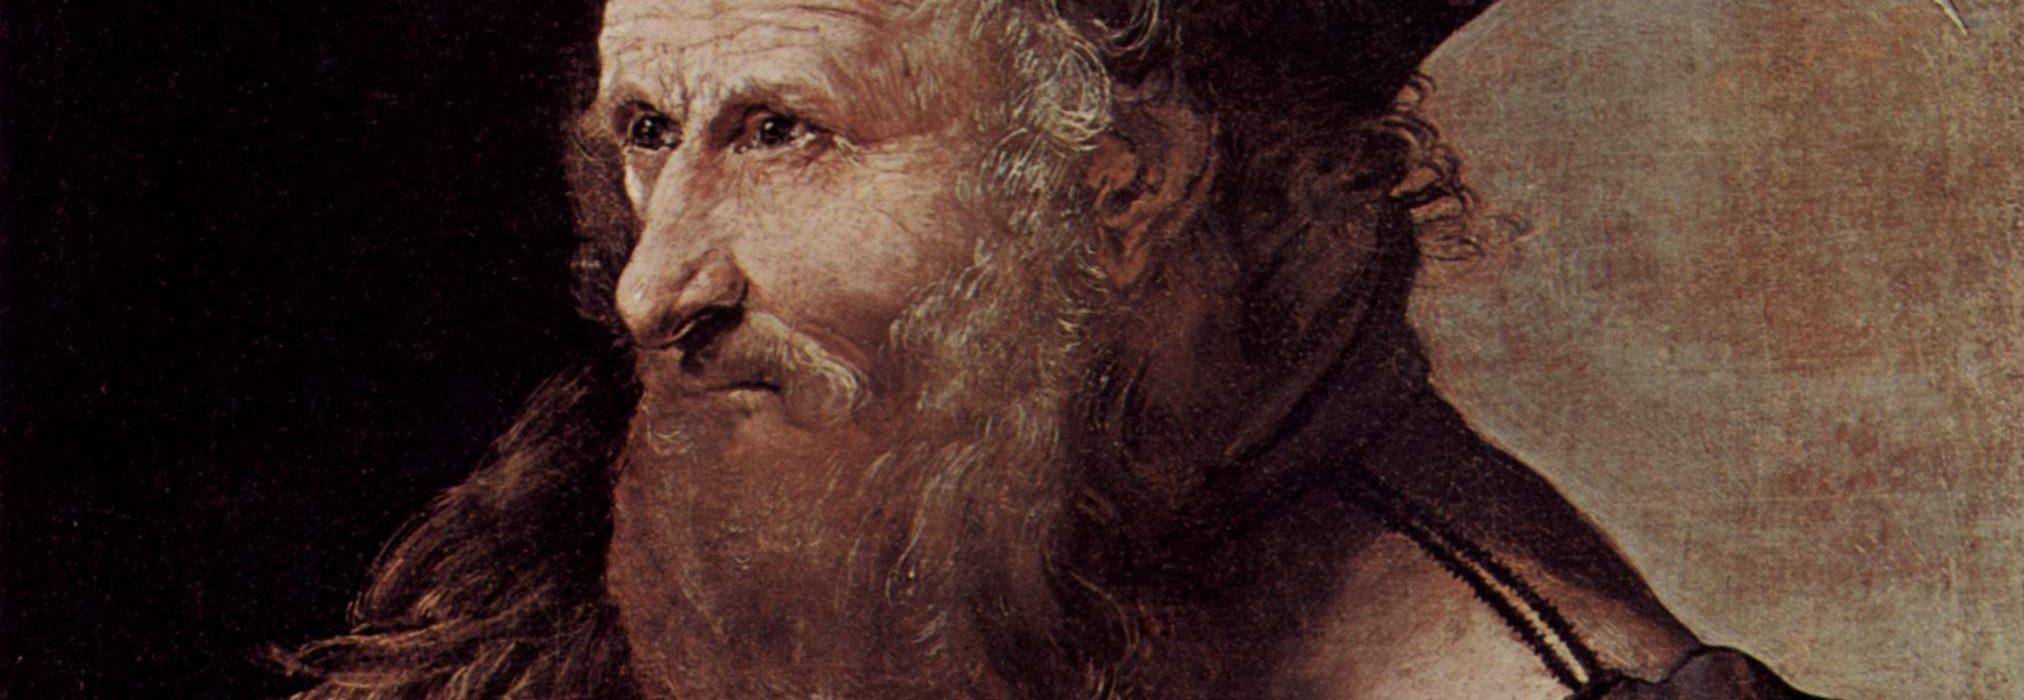 Georges de la Tour - św.Juda